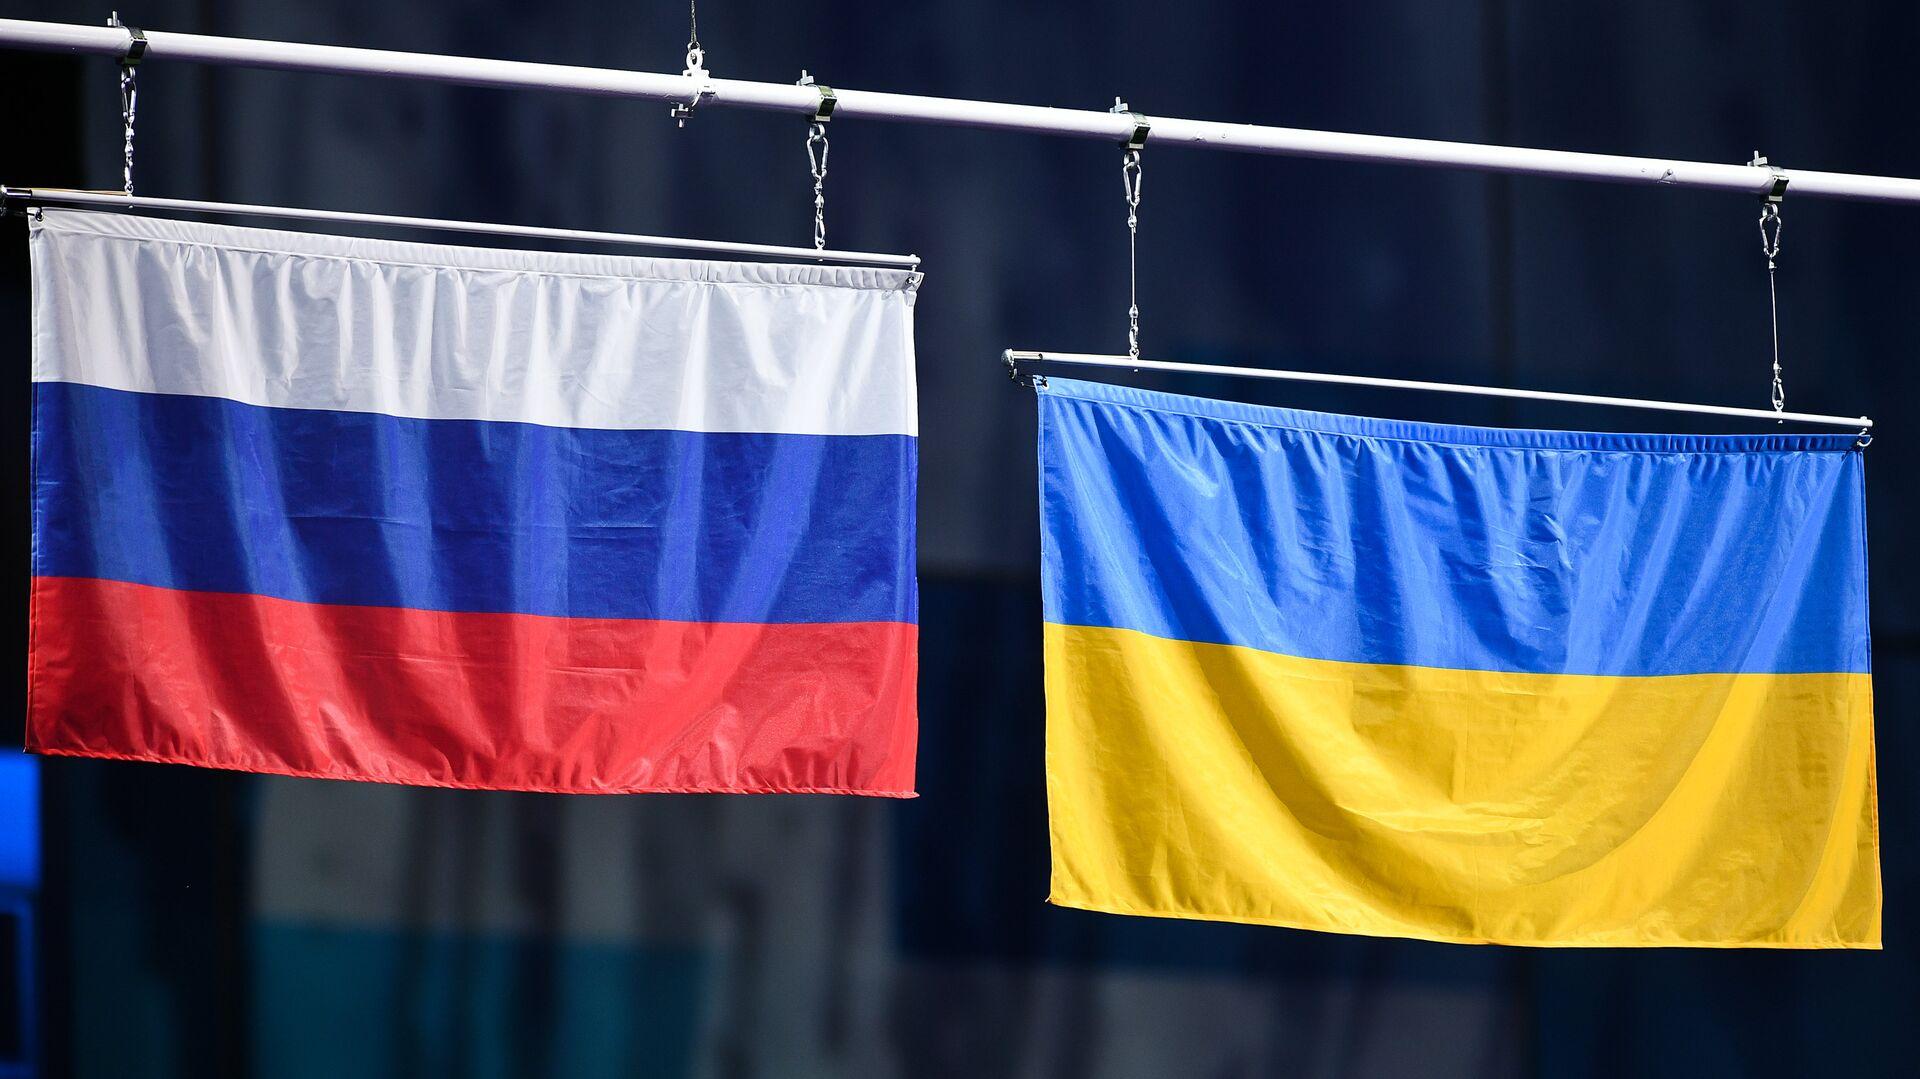 Las banderas de Rusia y Ucrania (archivo) - Sputnik Mundo, 1920, 14.04.2021